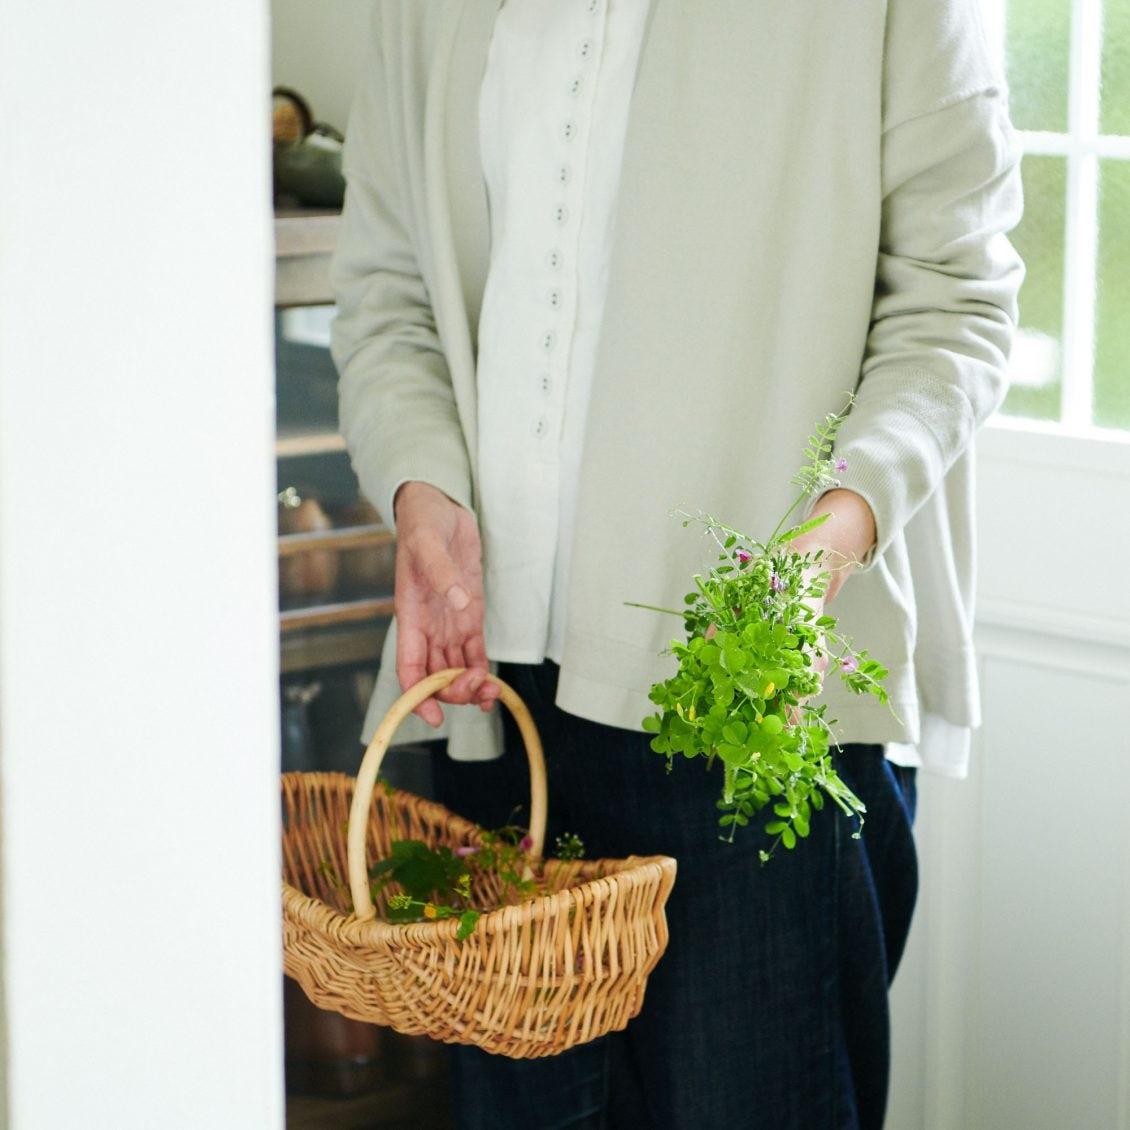 【今日、何しよう?】第3話:お散歩ついでに摘んで。小さくてかわいい野の草花、家に飾ってたのしむなら。